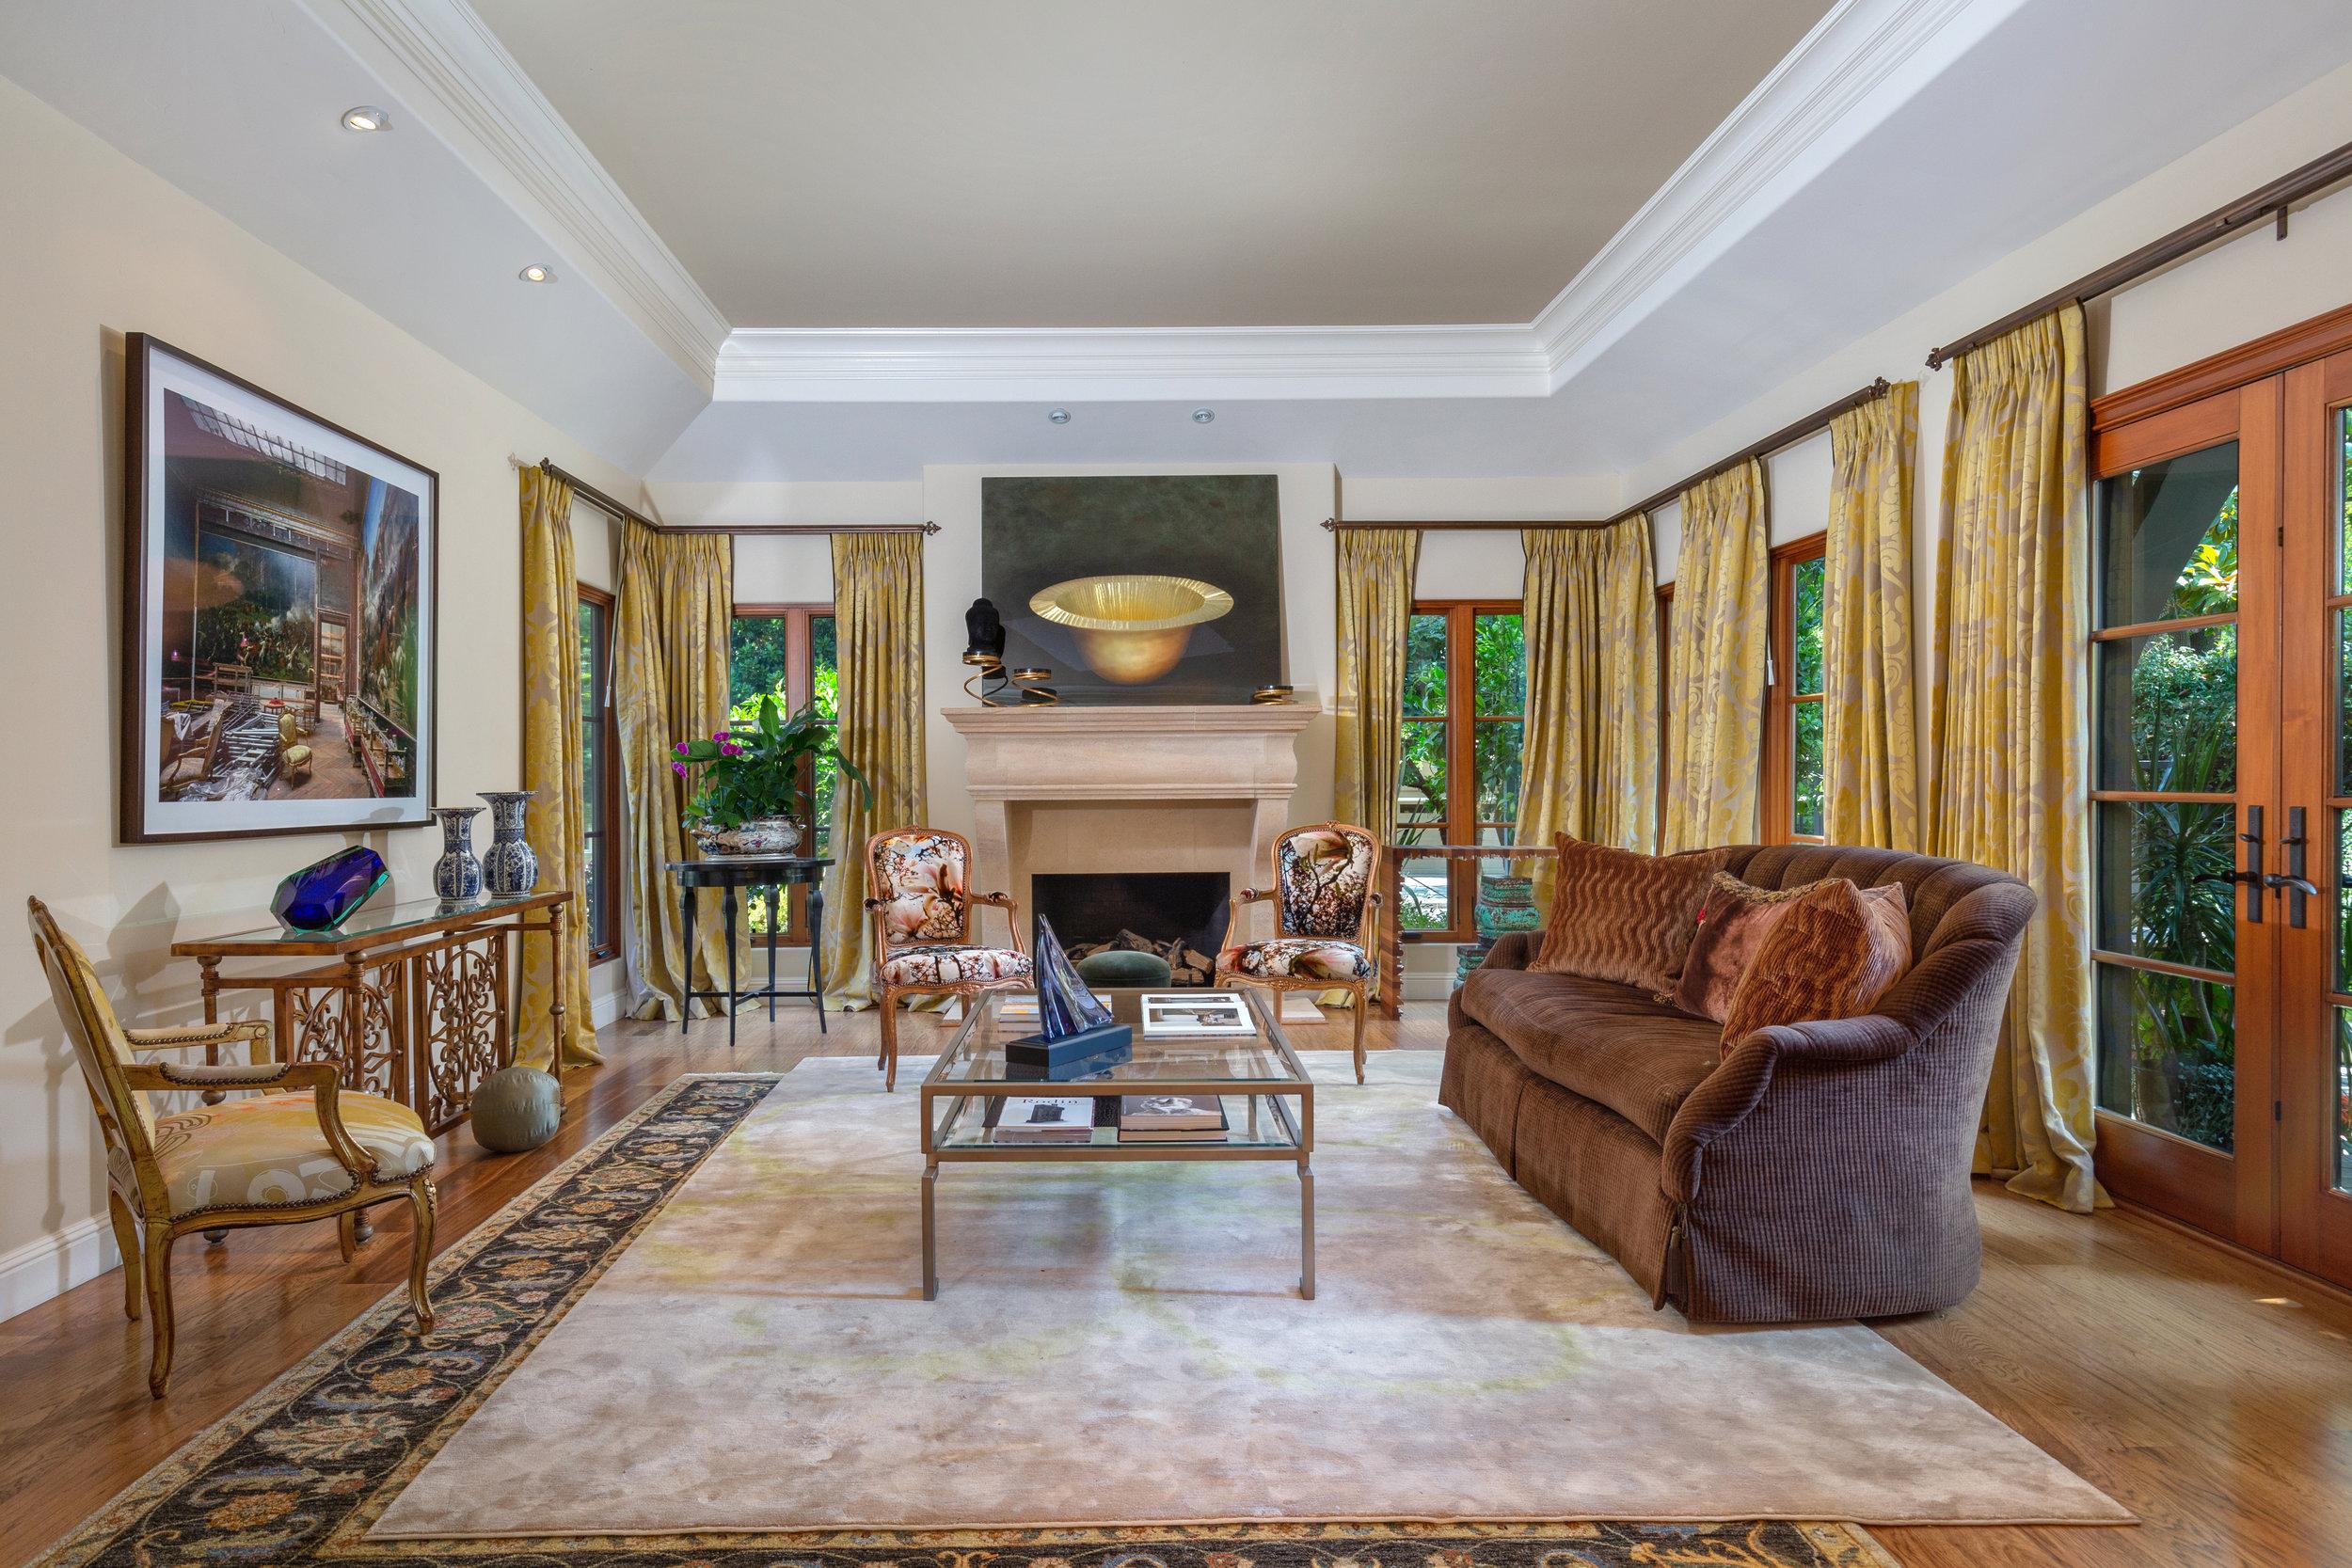 Santa Cruz Real Estate Photographer  Dream Home Images